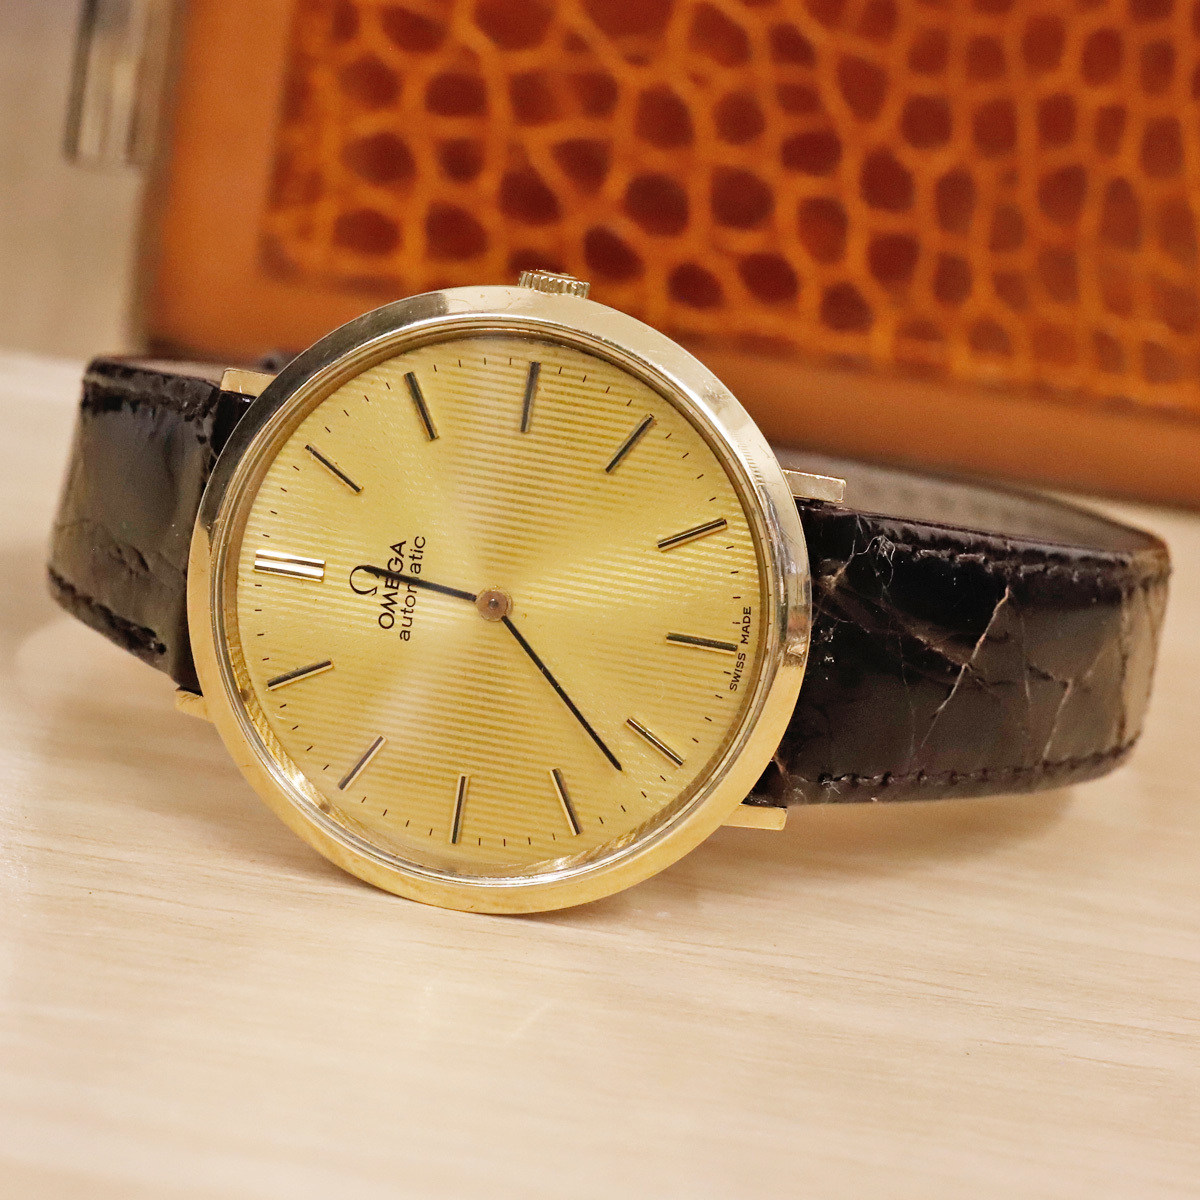 本物 オメガ 自動巻 オートマチック メンズウォッチ ゴールドケース 機械式腕時計 スイス製 正規品 OMEGA_画像5